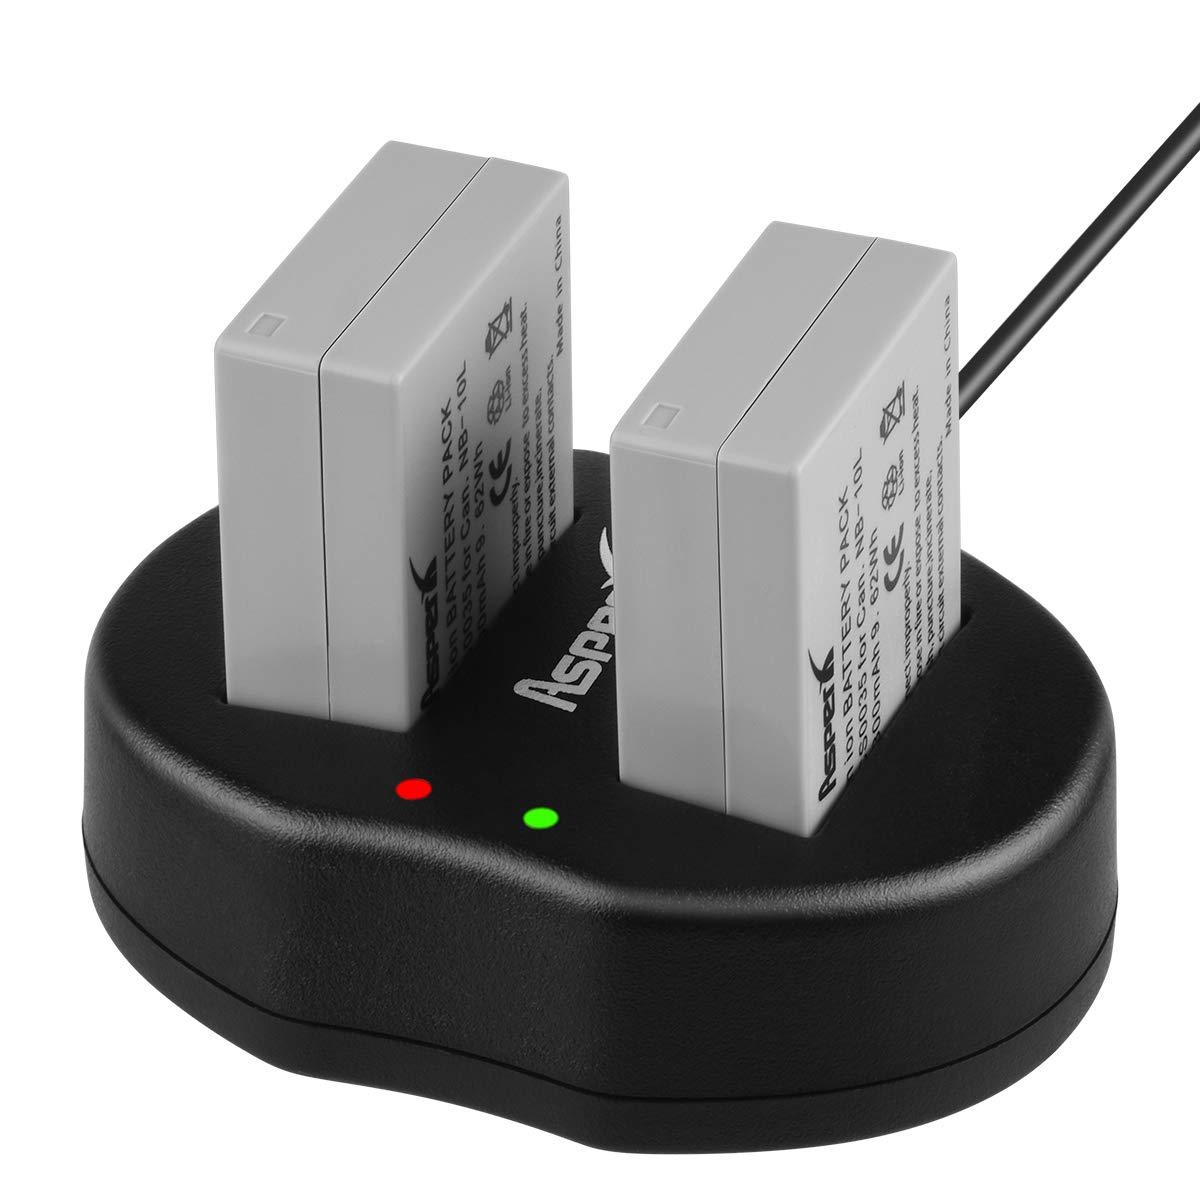 Asperx NB-10L Battery Charger Set Compatible with Canon PowerShot SX60 HS SX50 HS SX40 HS G15 G16 G1X G3X CB-2LC Digital Camera by AsperX